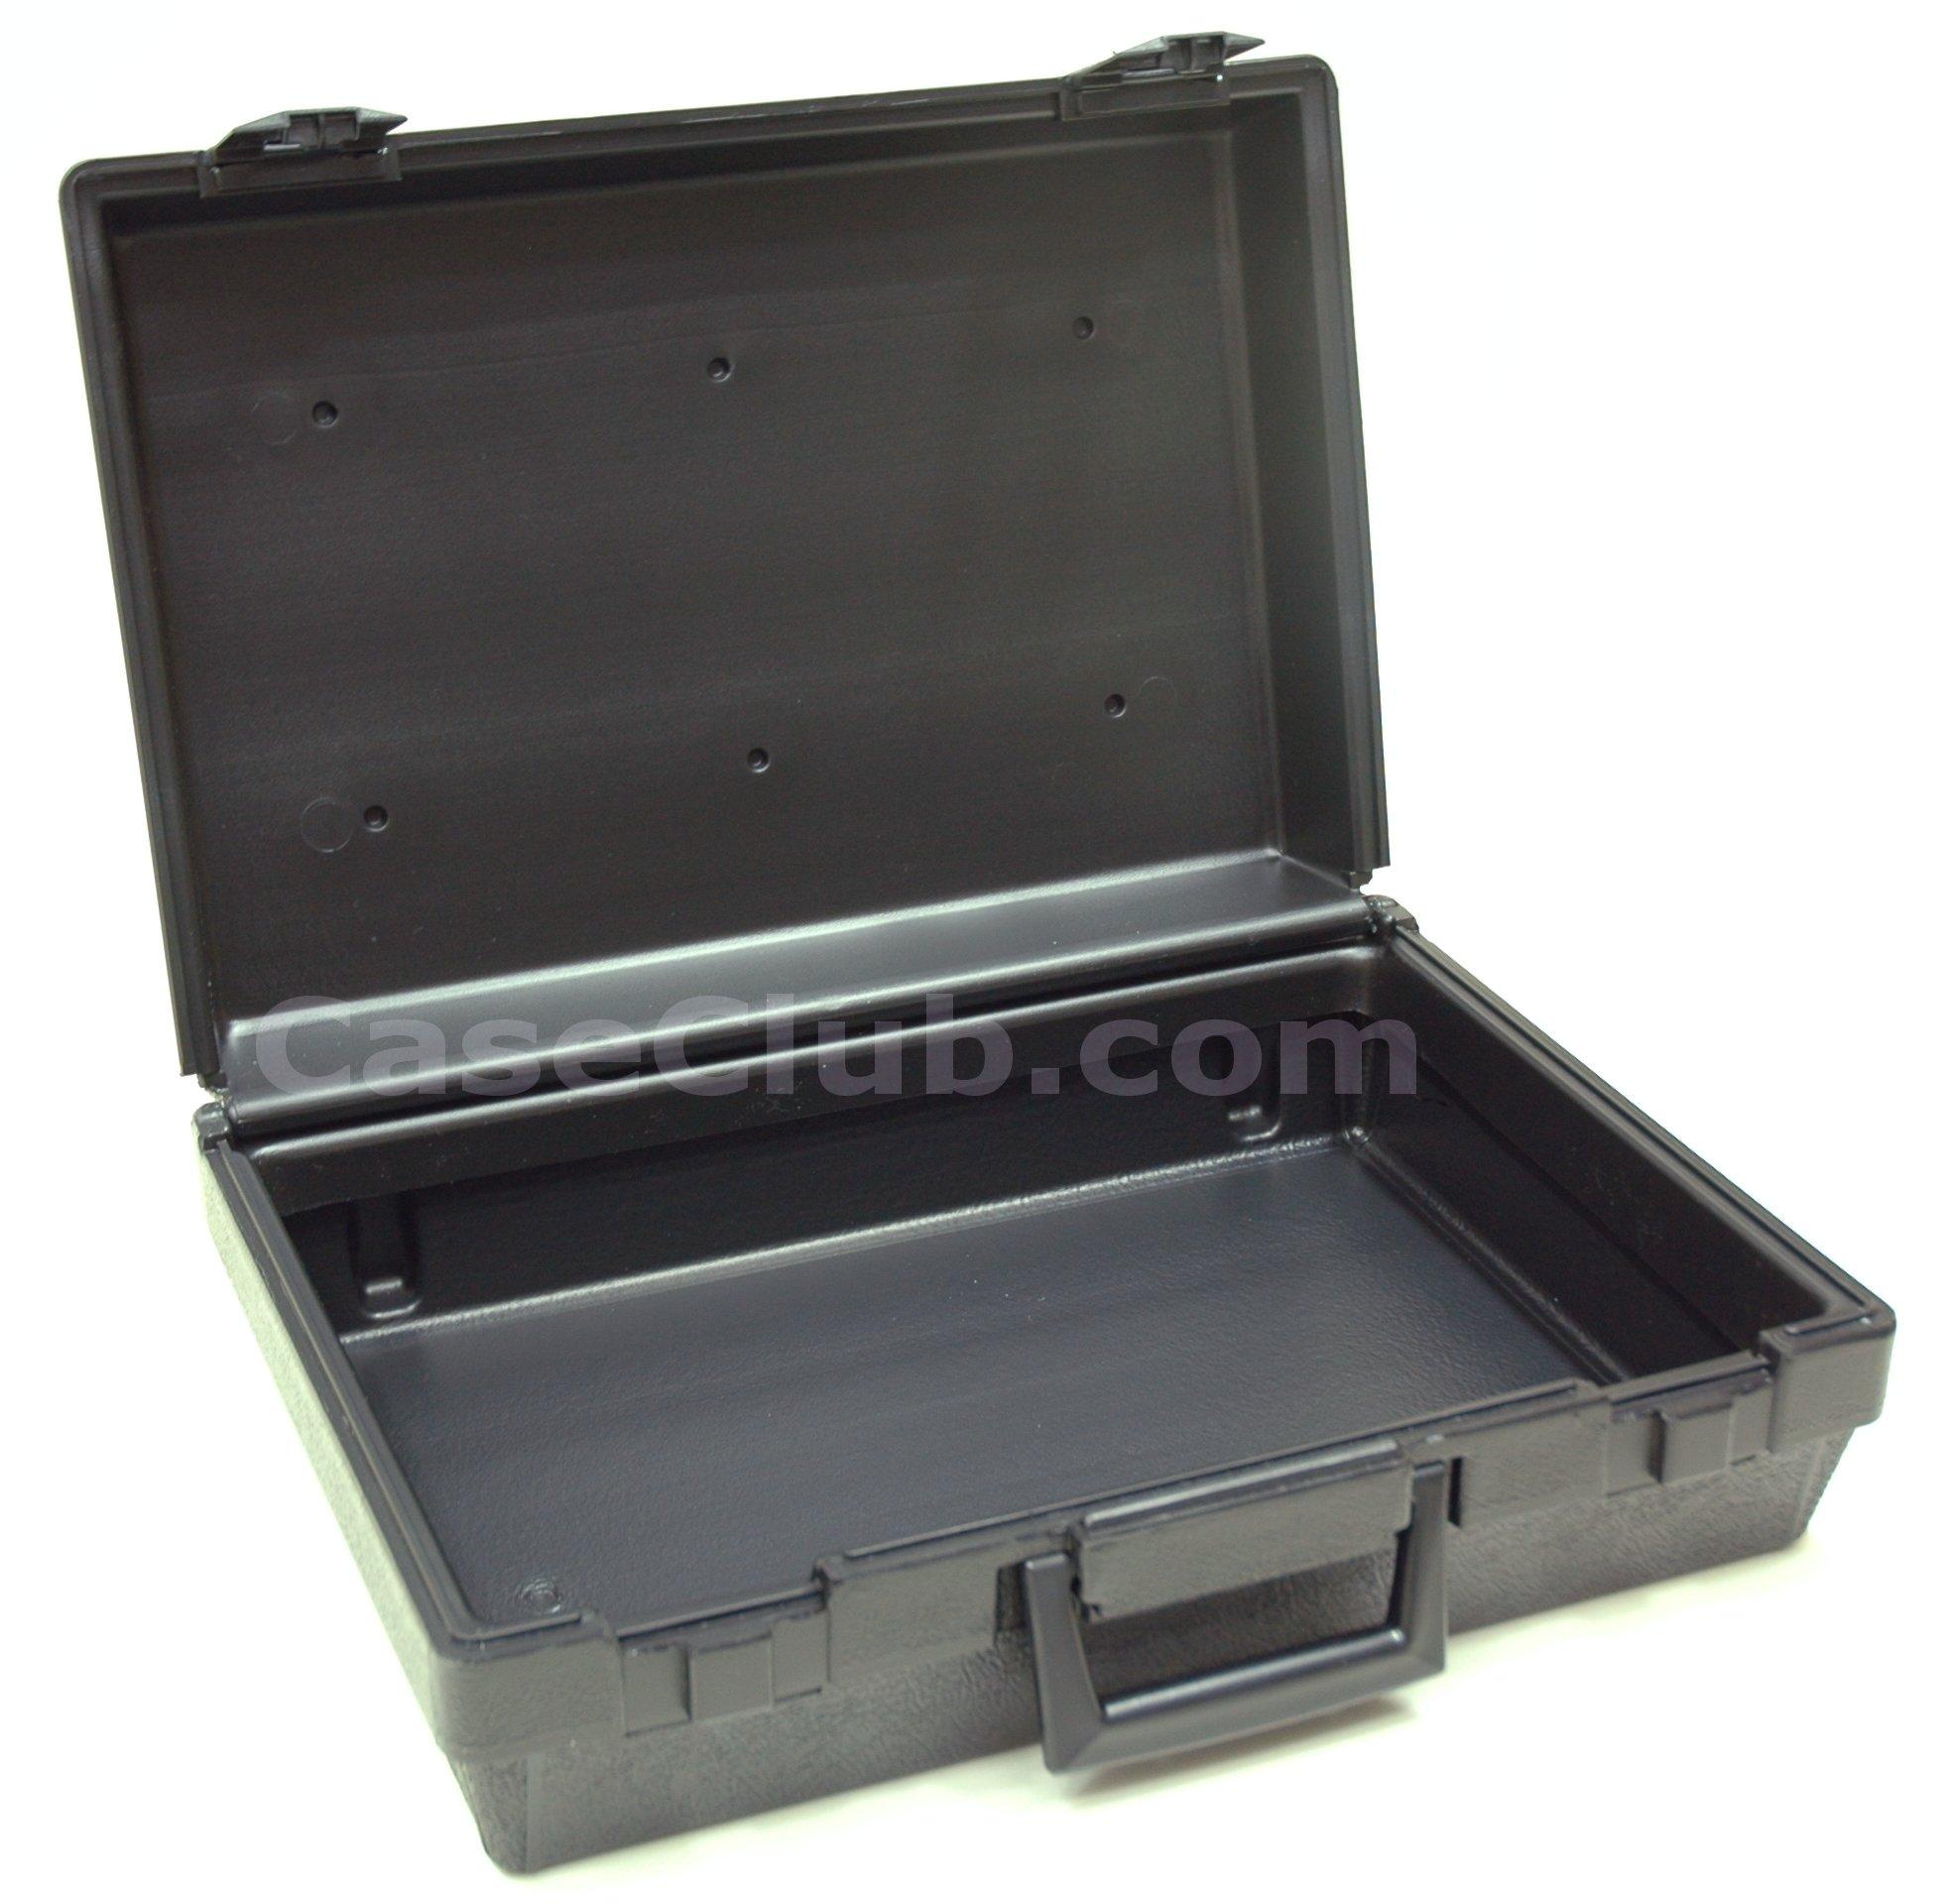 W17x12x5.5 Case